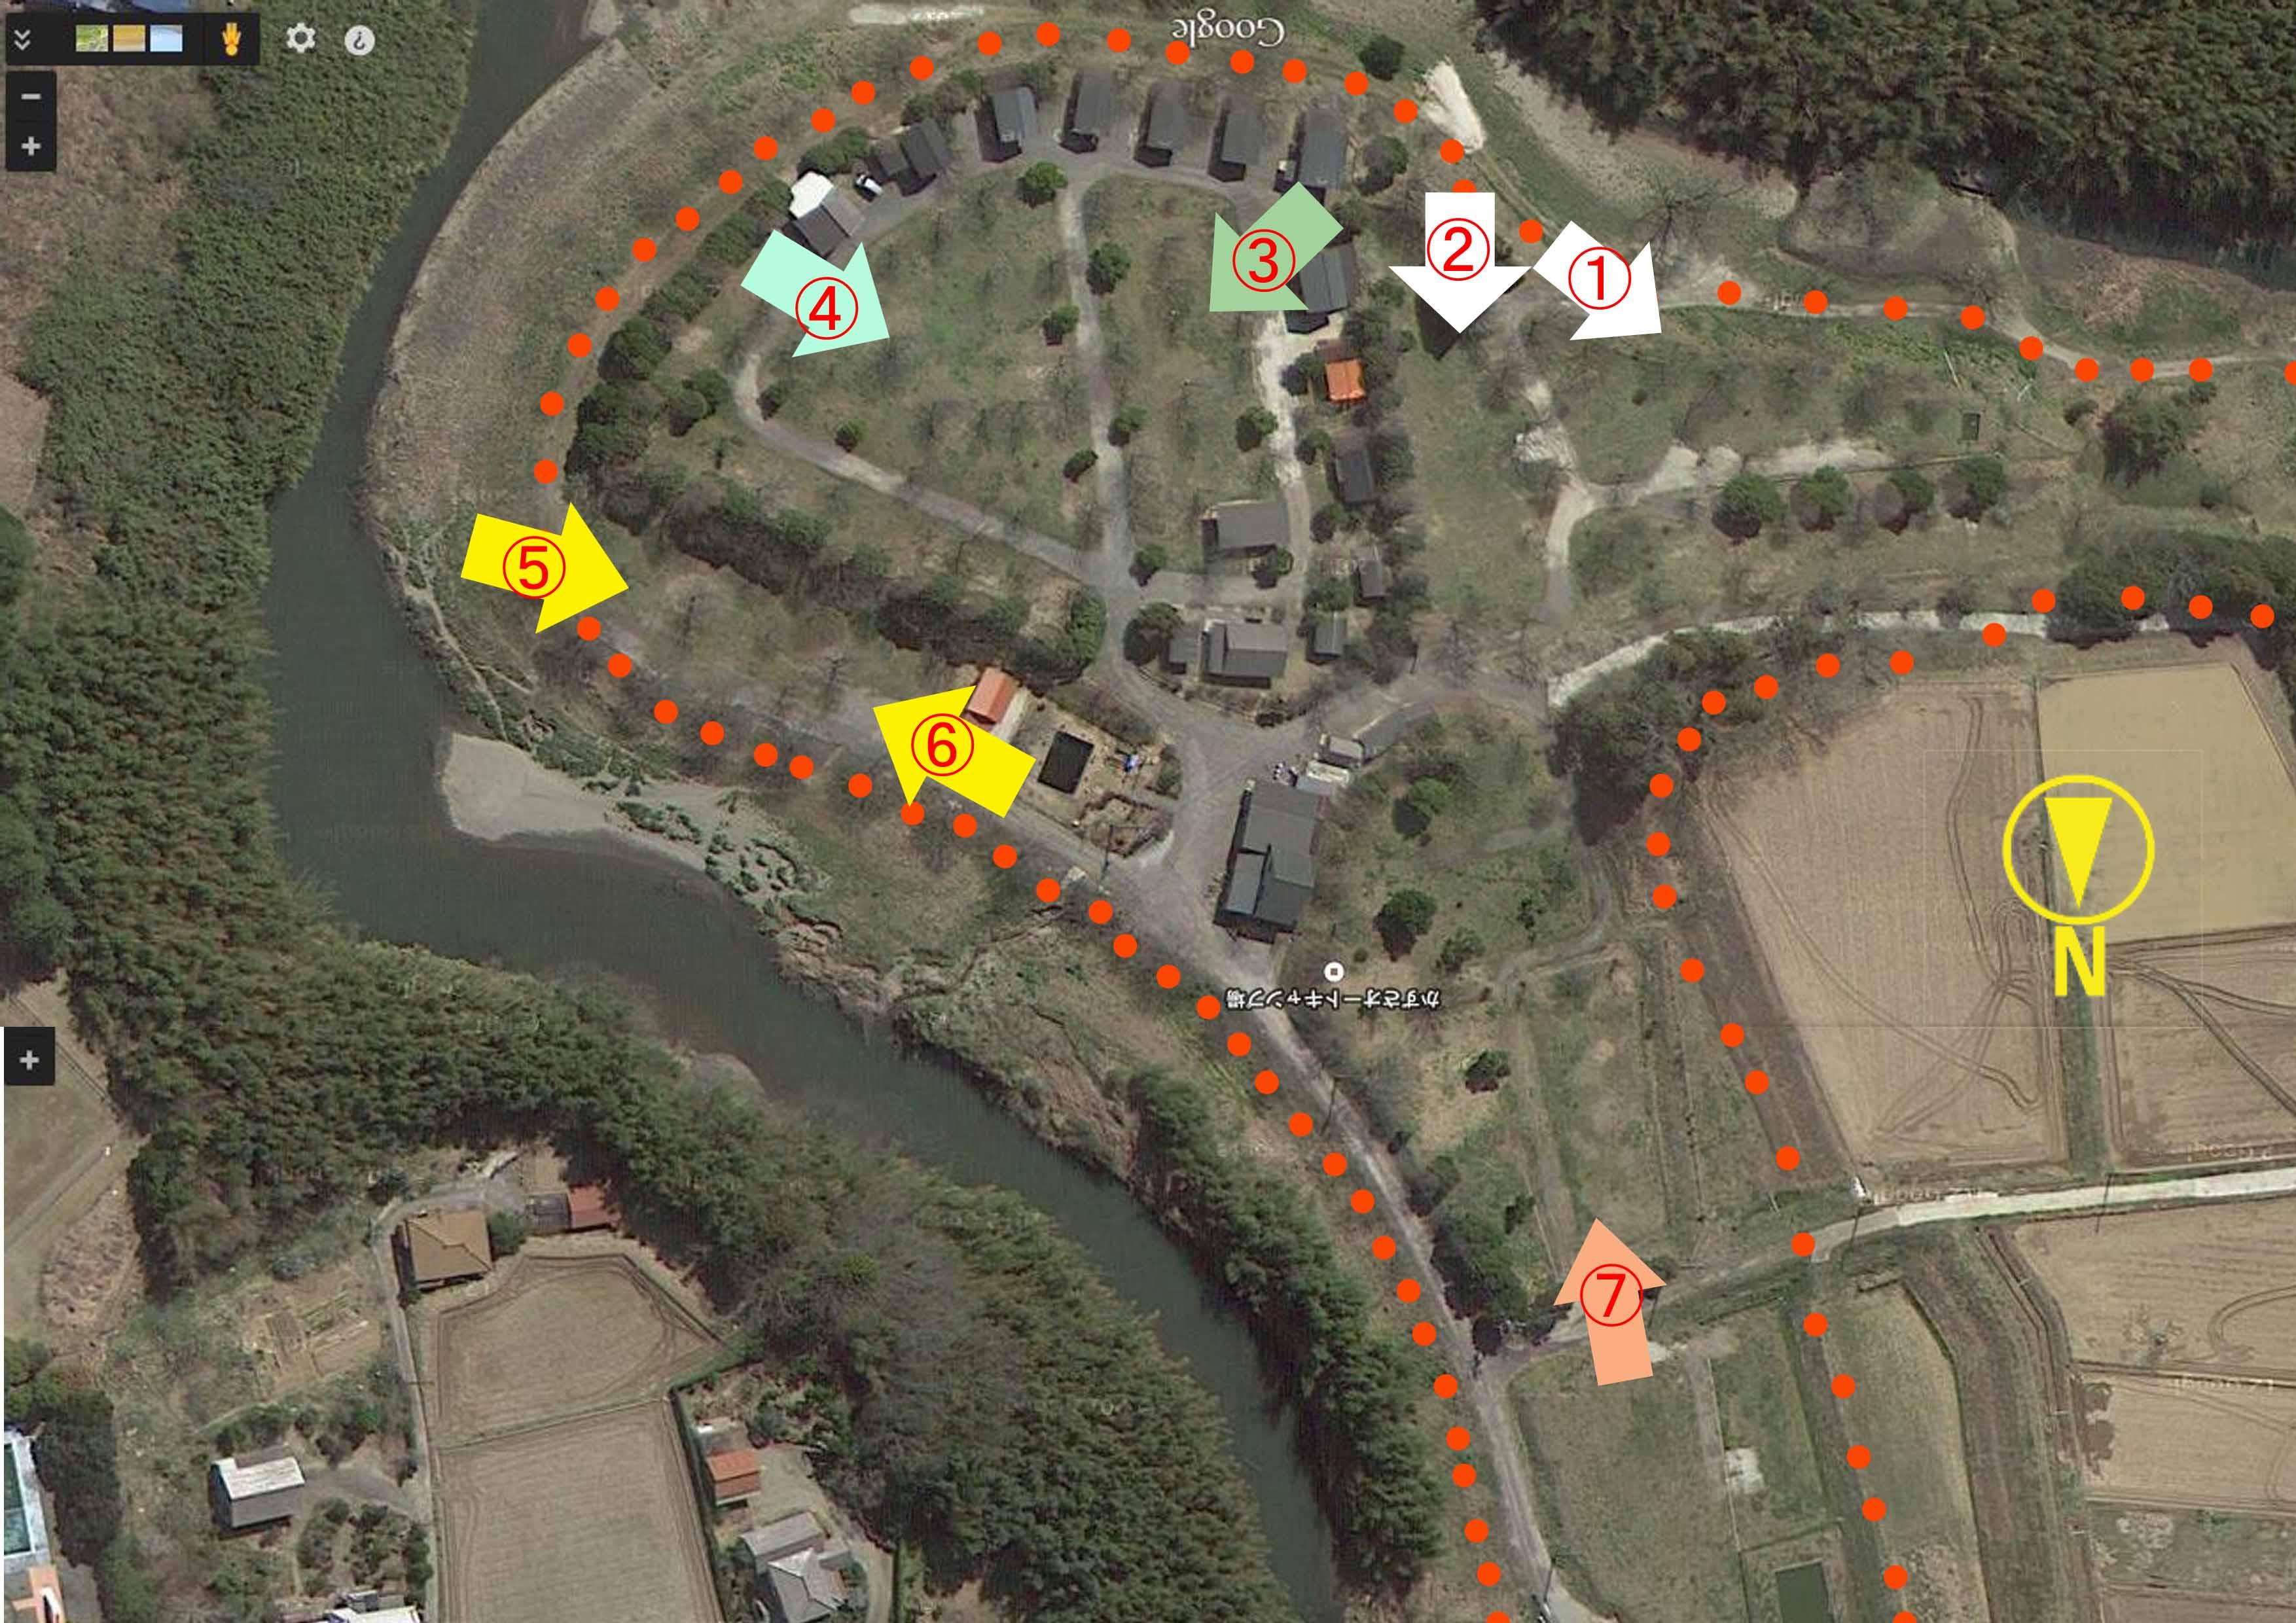 かずさオートキャンプ場マップ撮影方向のコピー